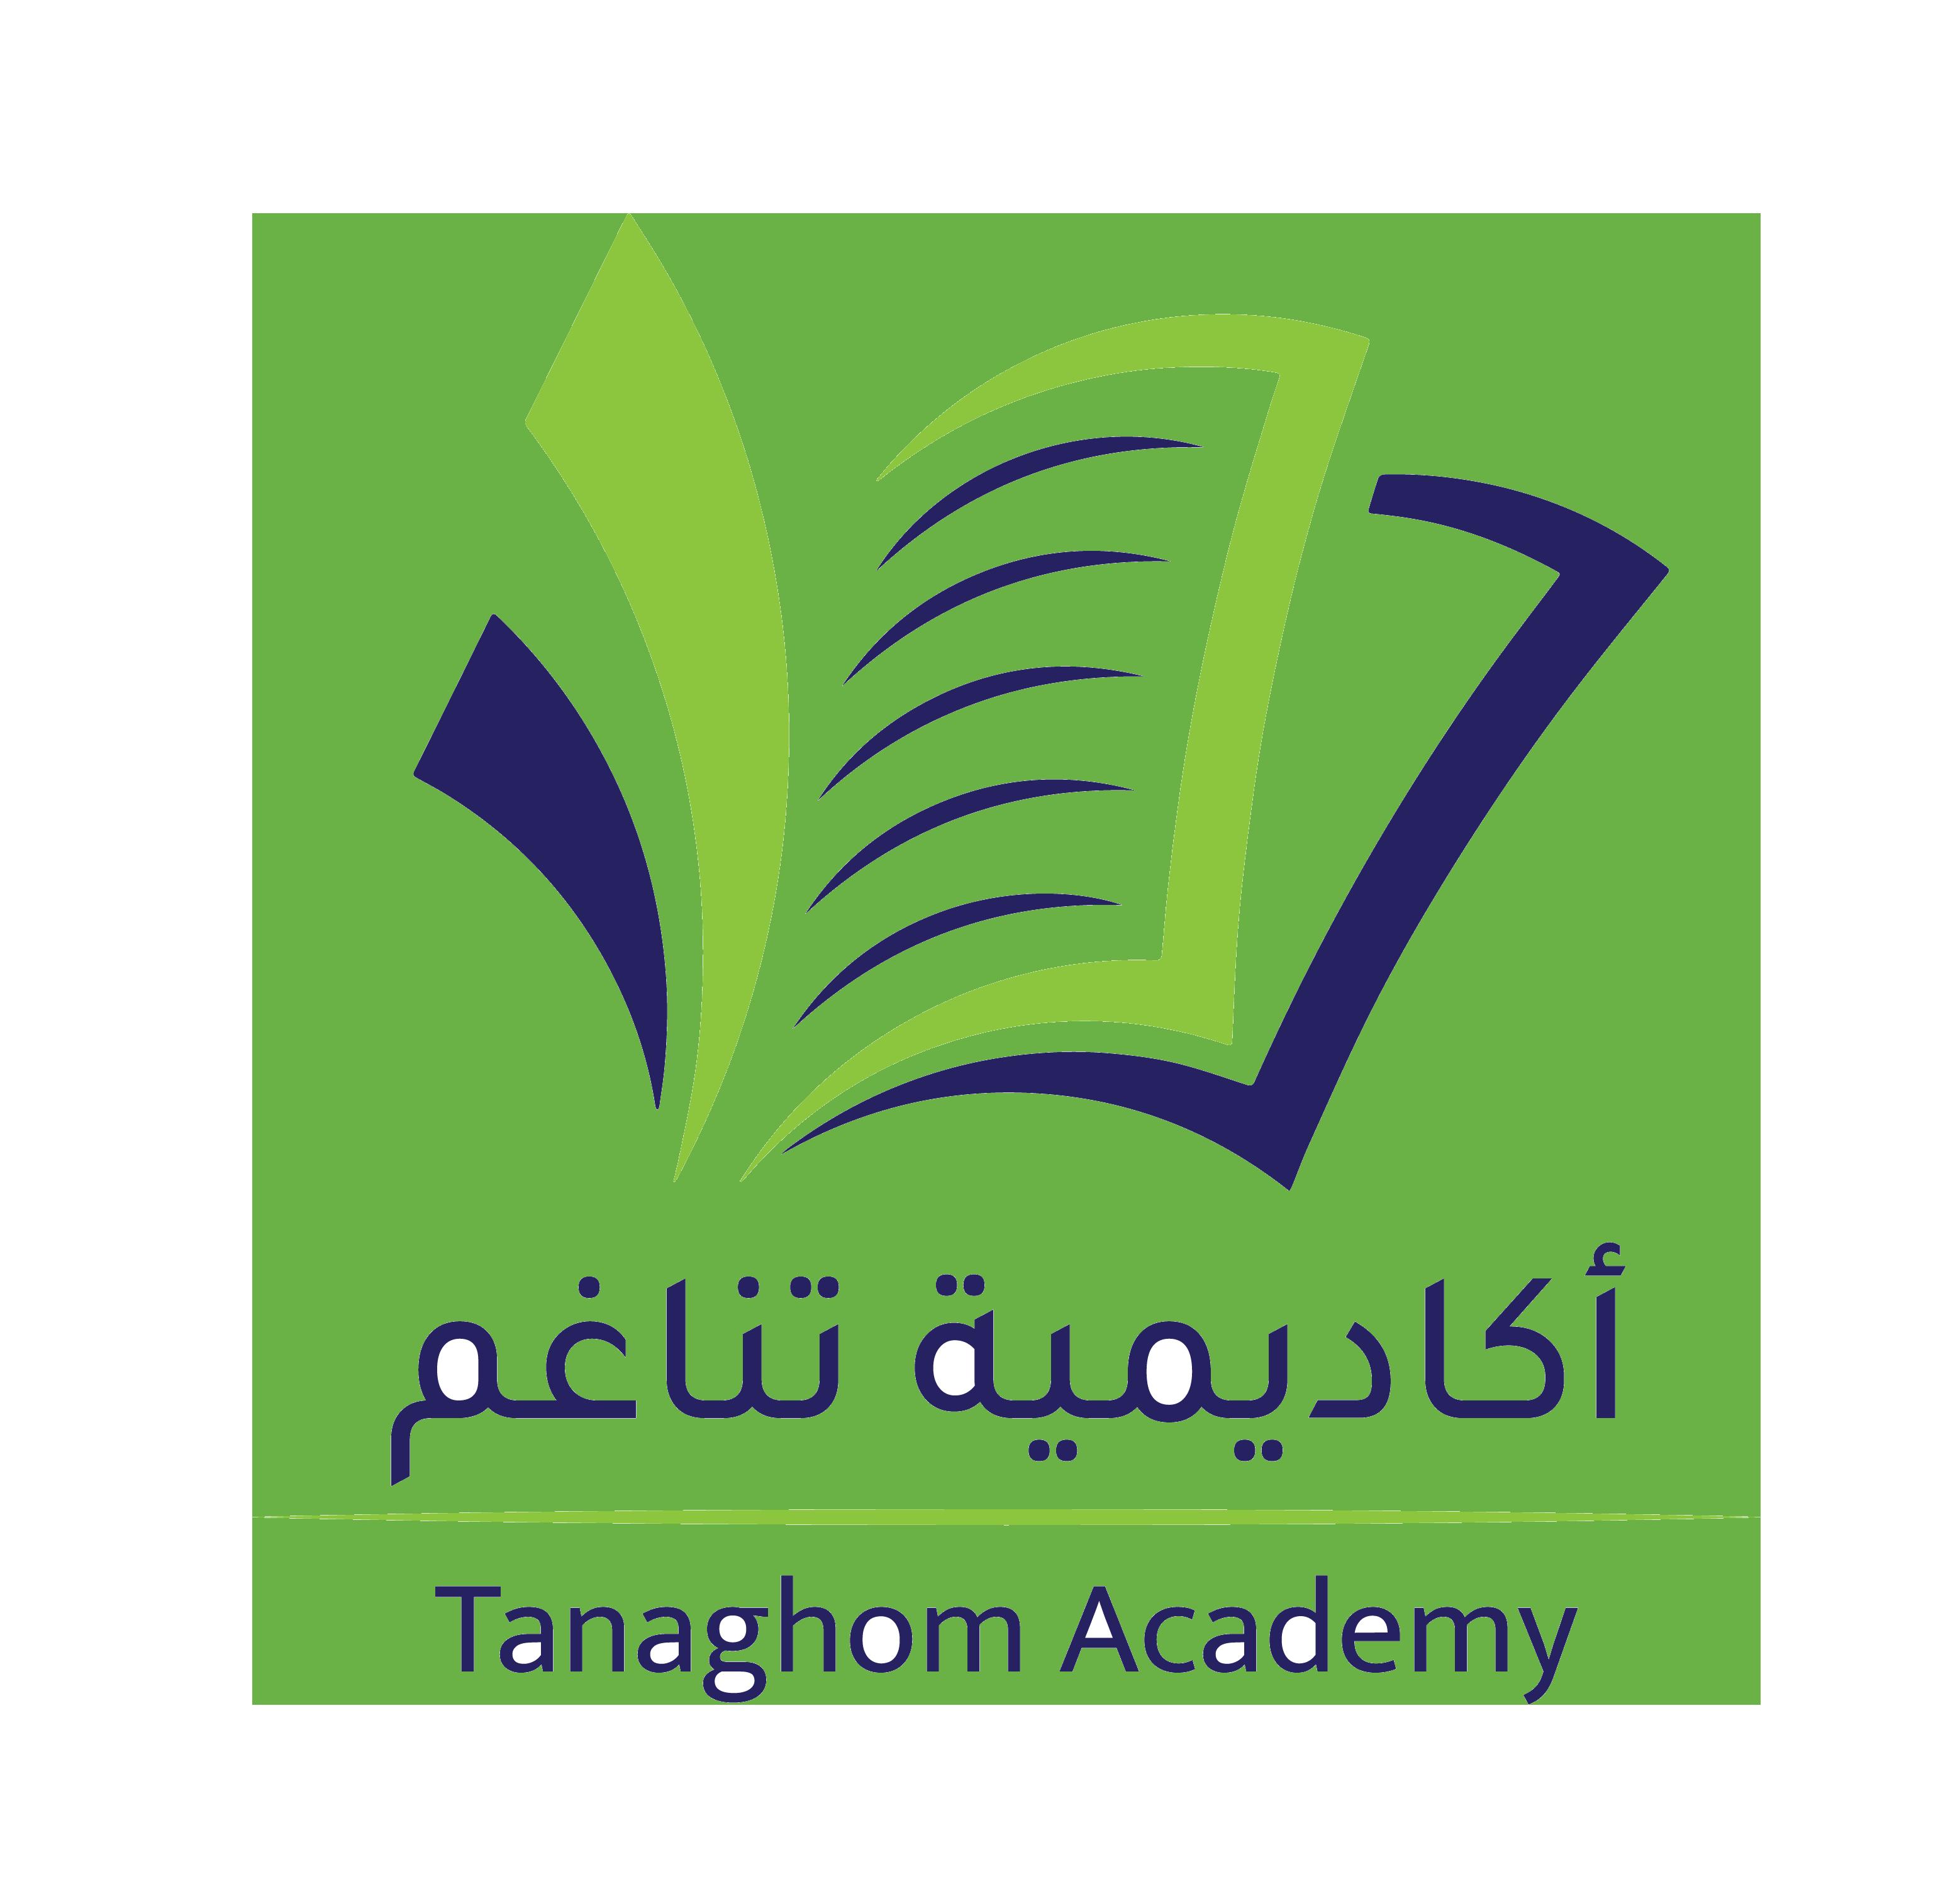 Tanaghom academy